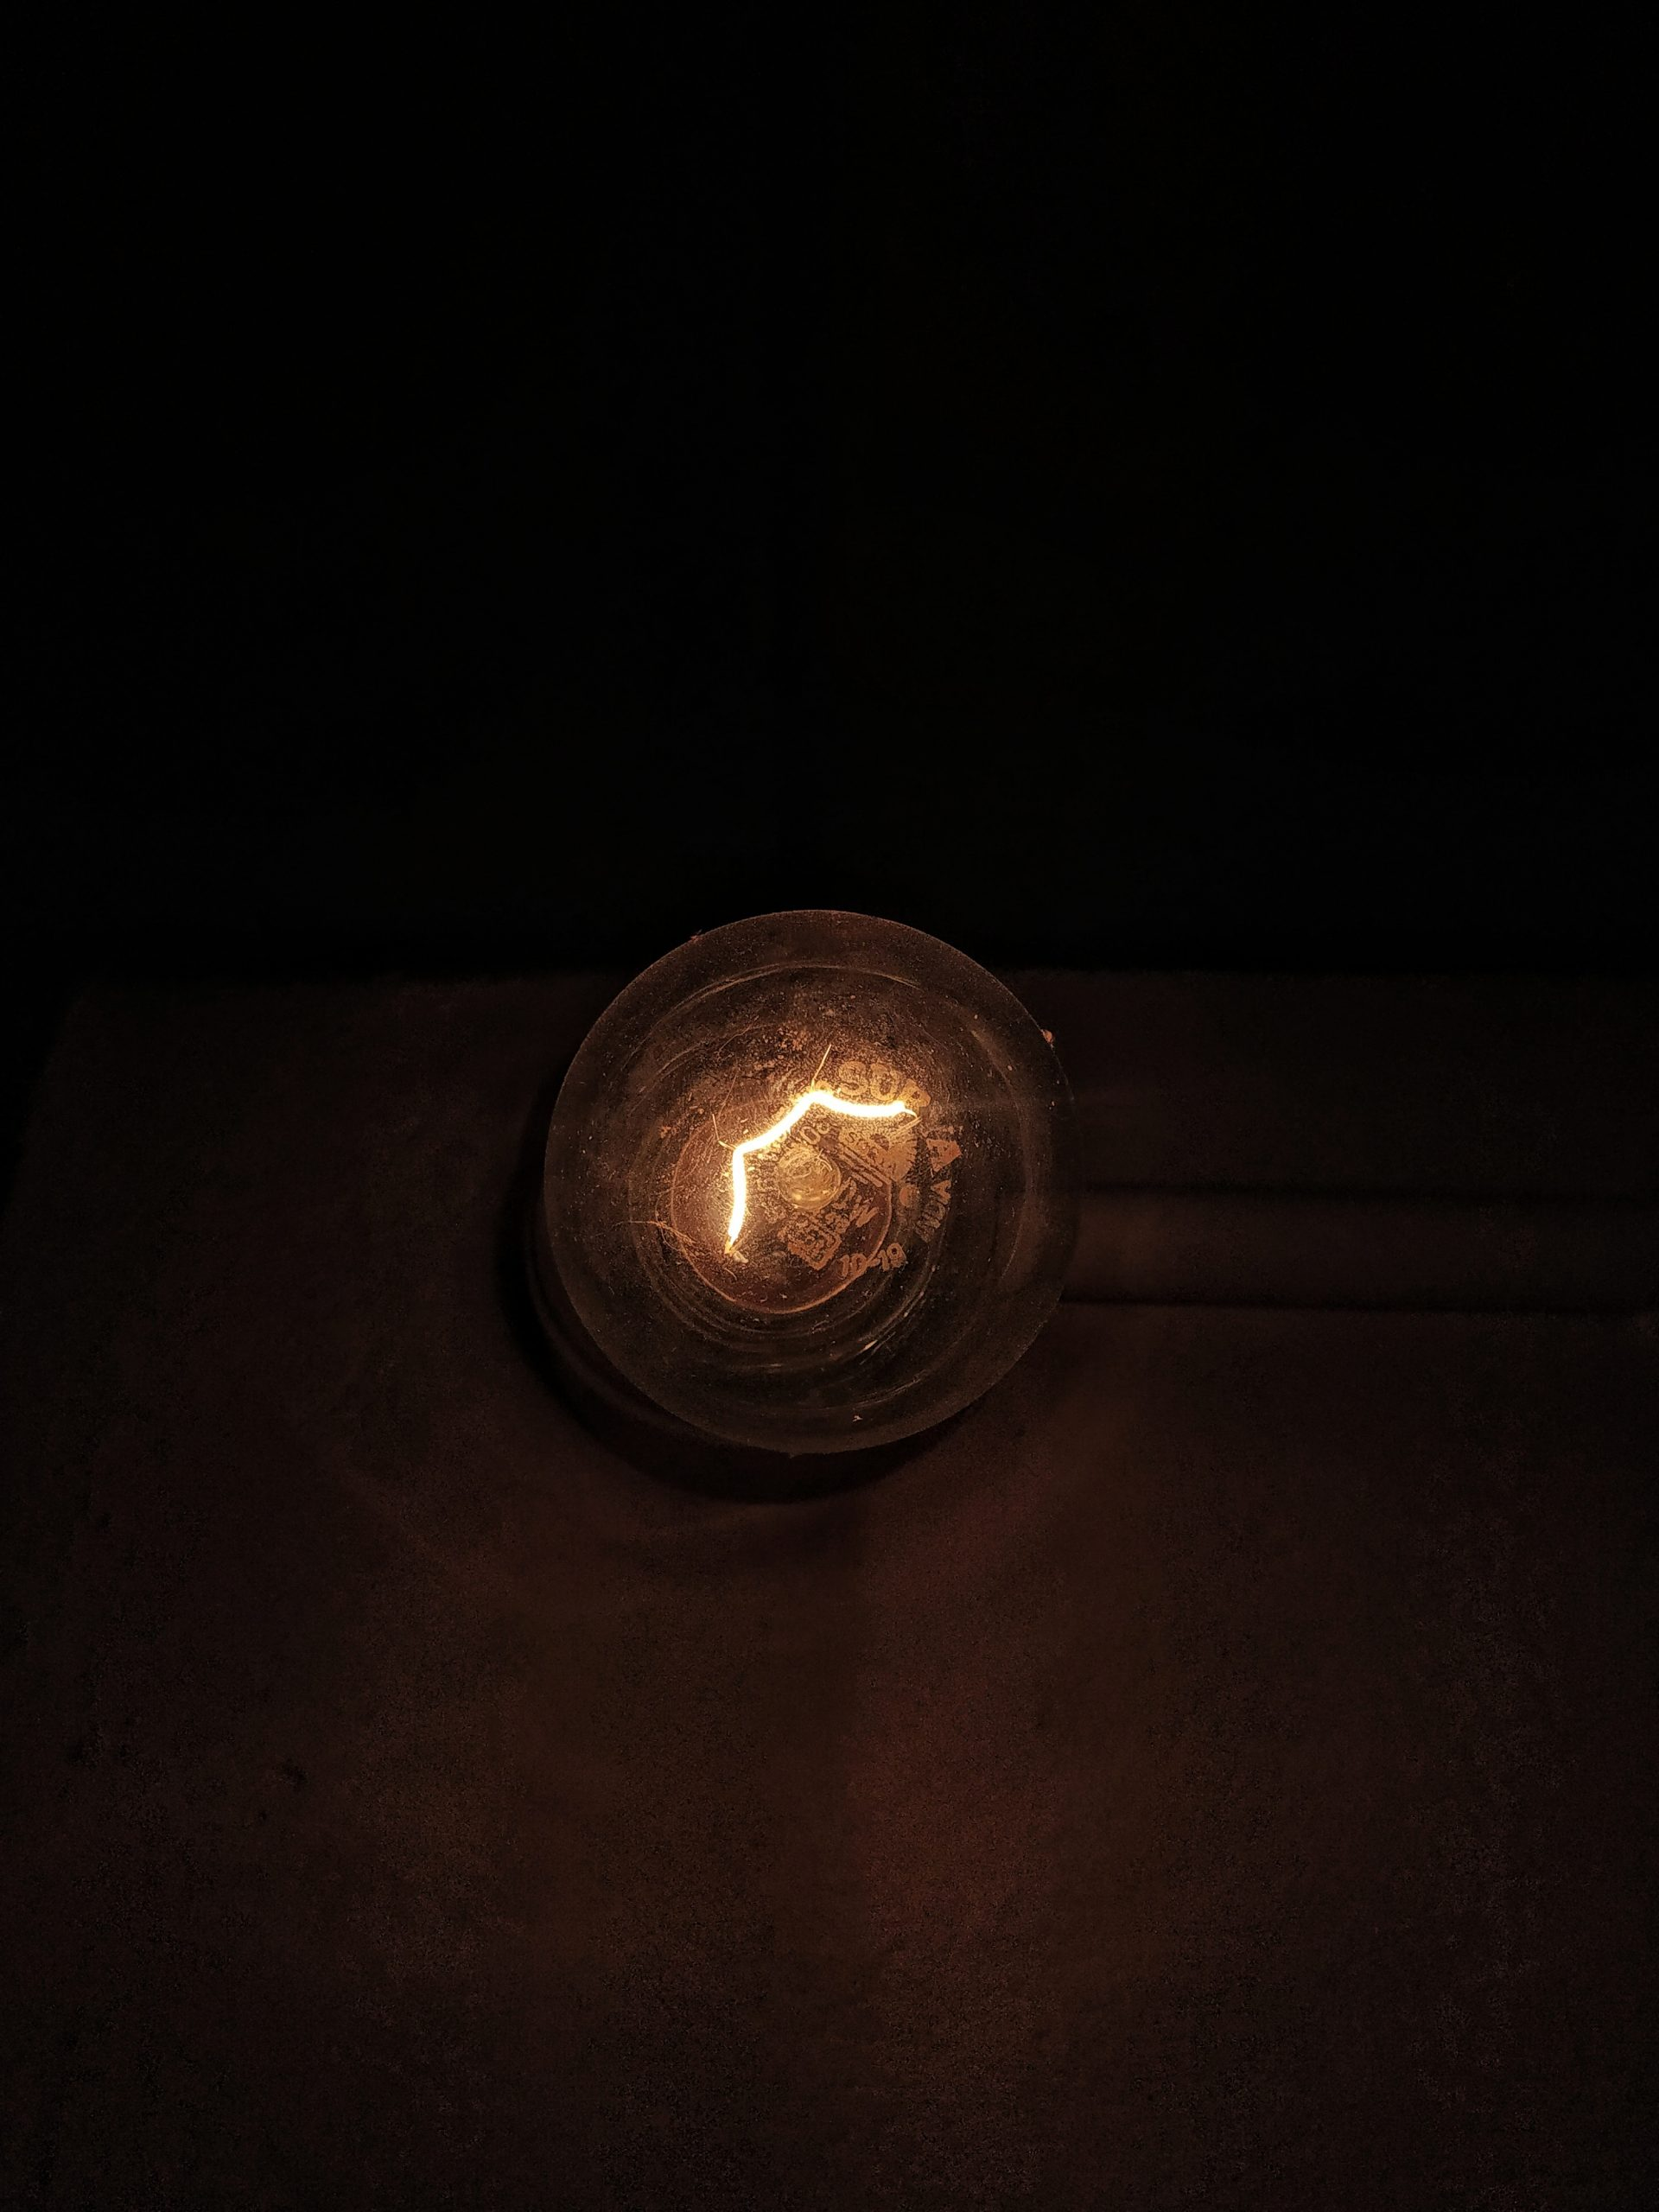 Filament of bulb